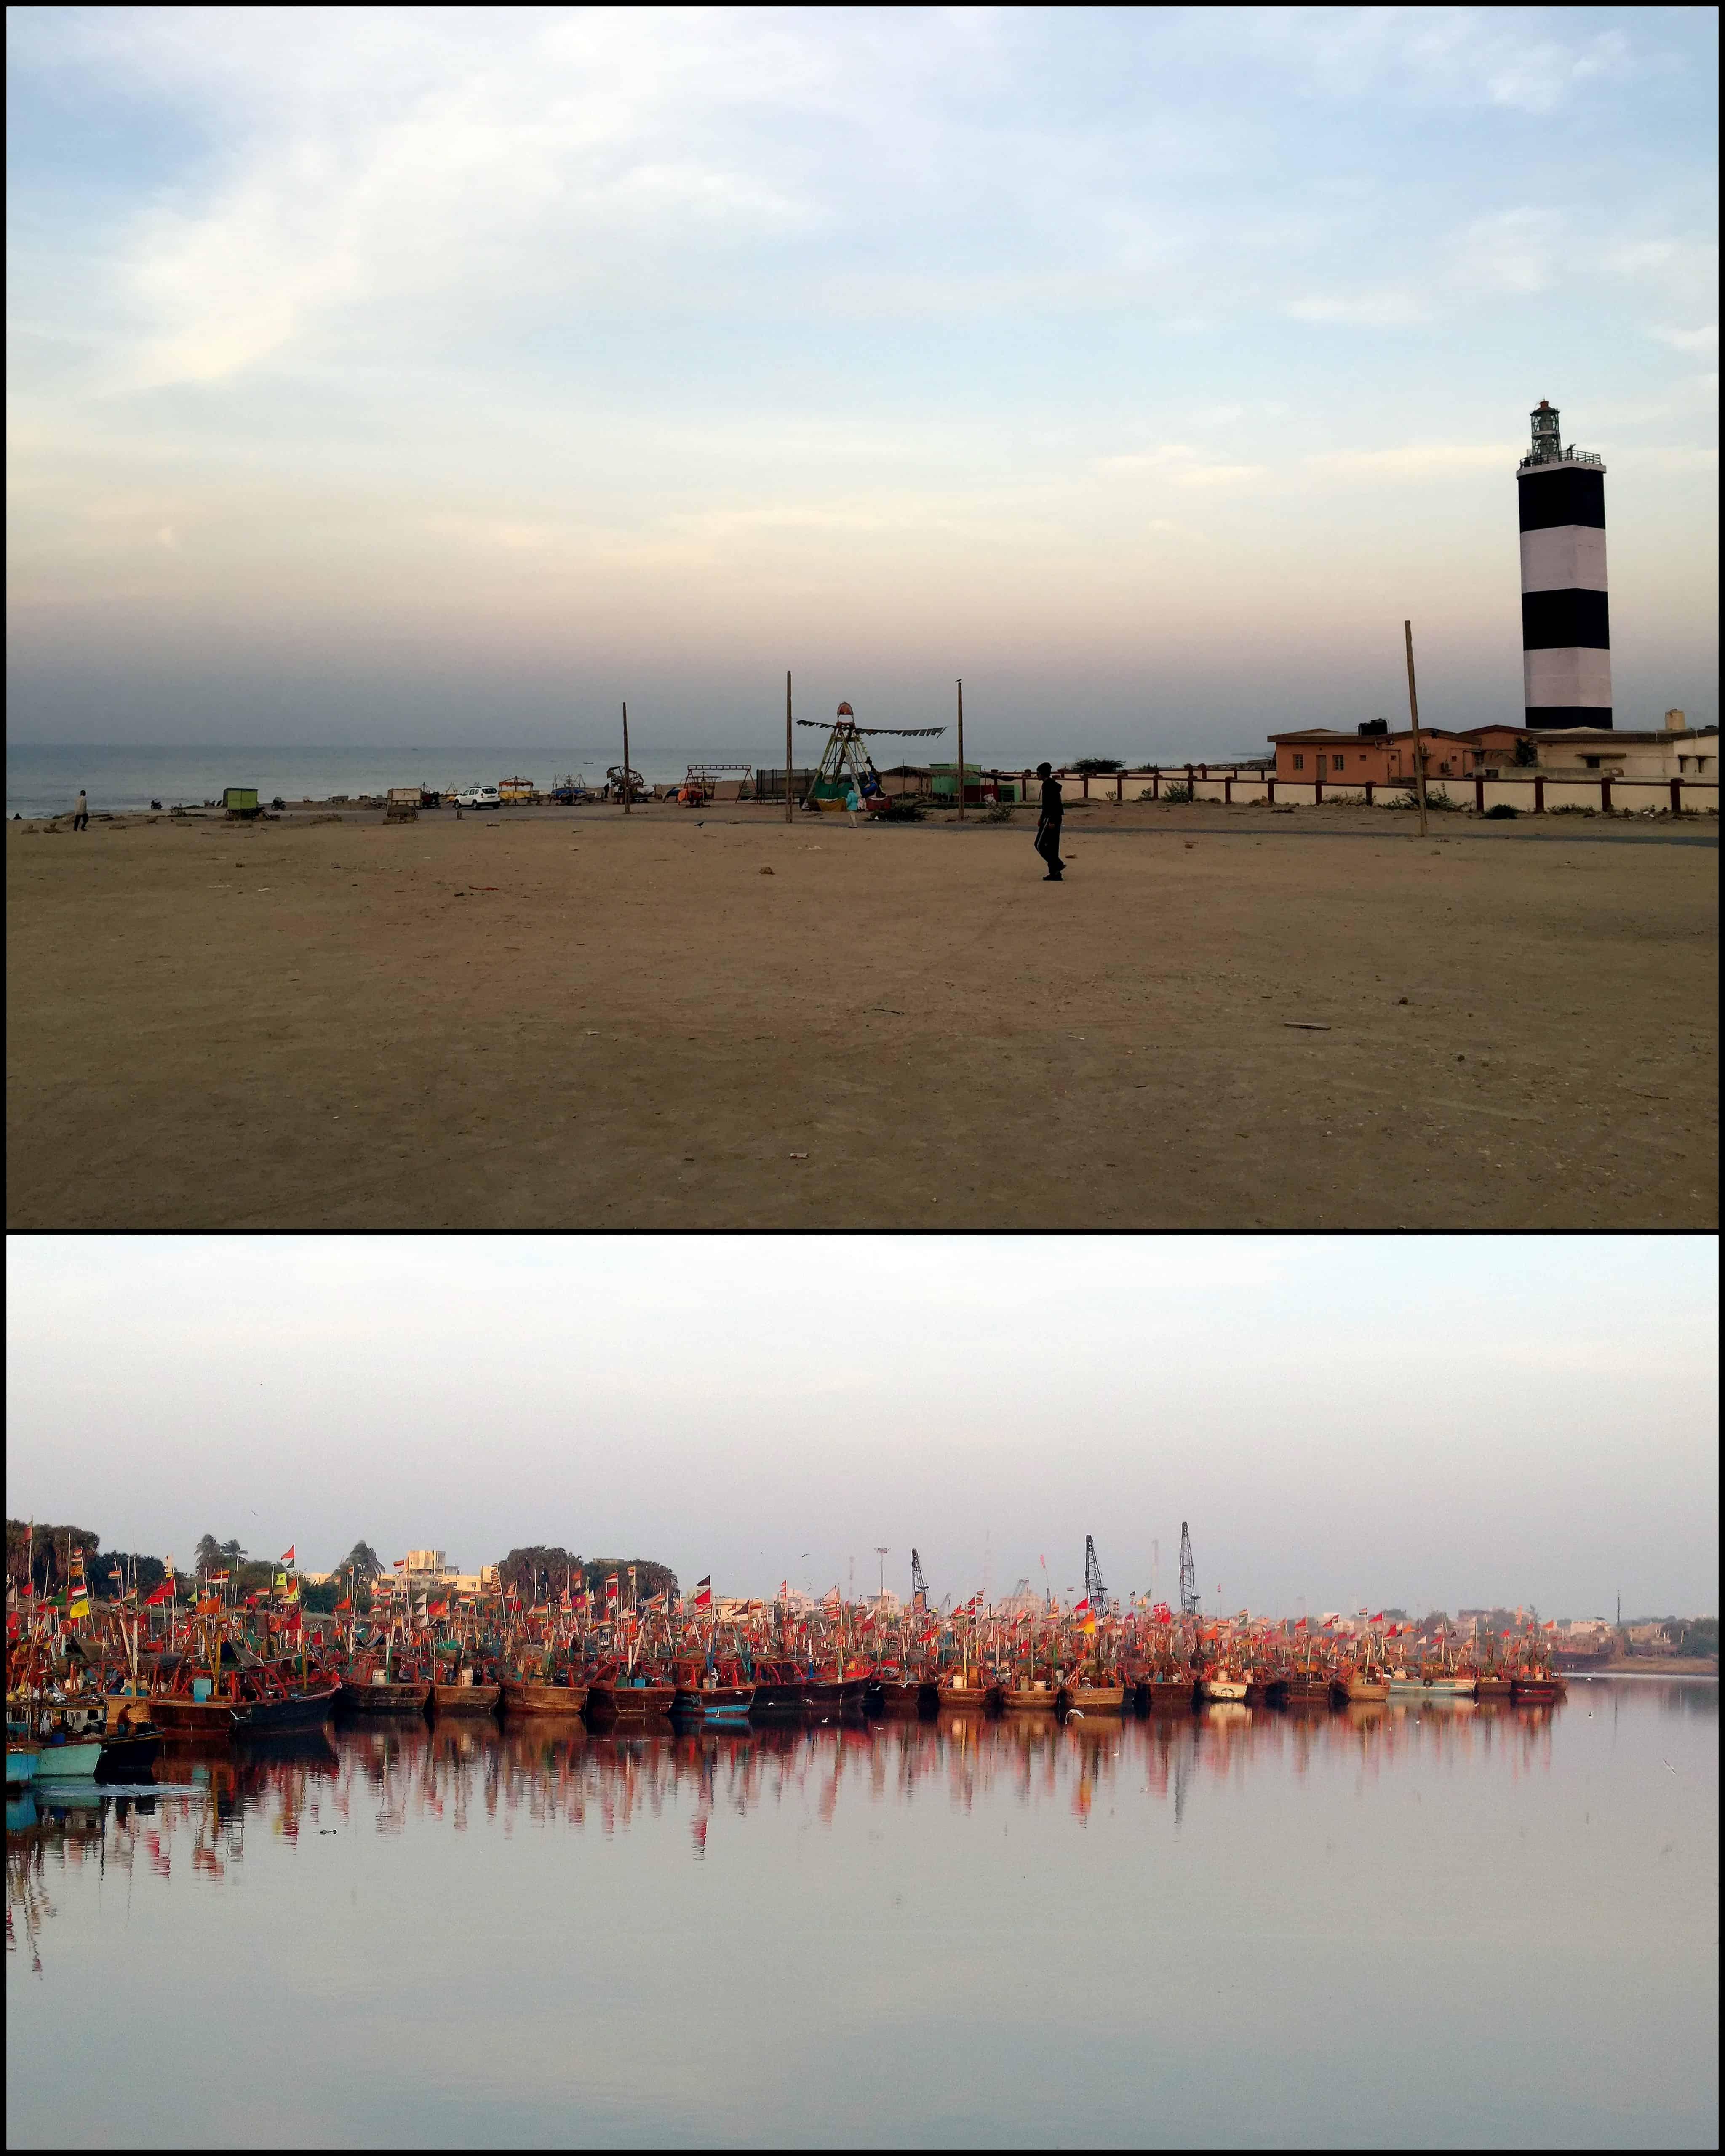 Veraval Beach